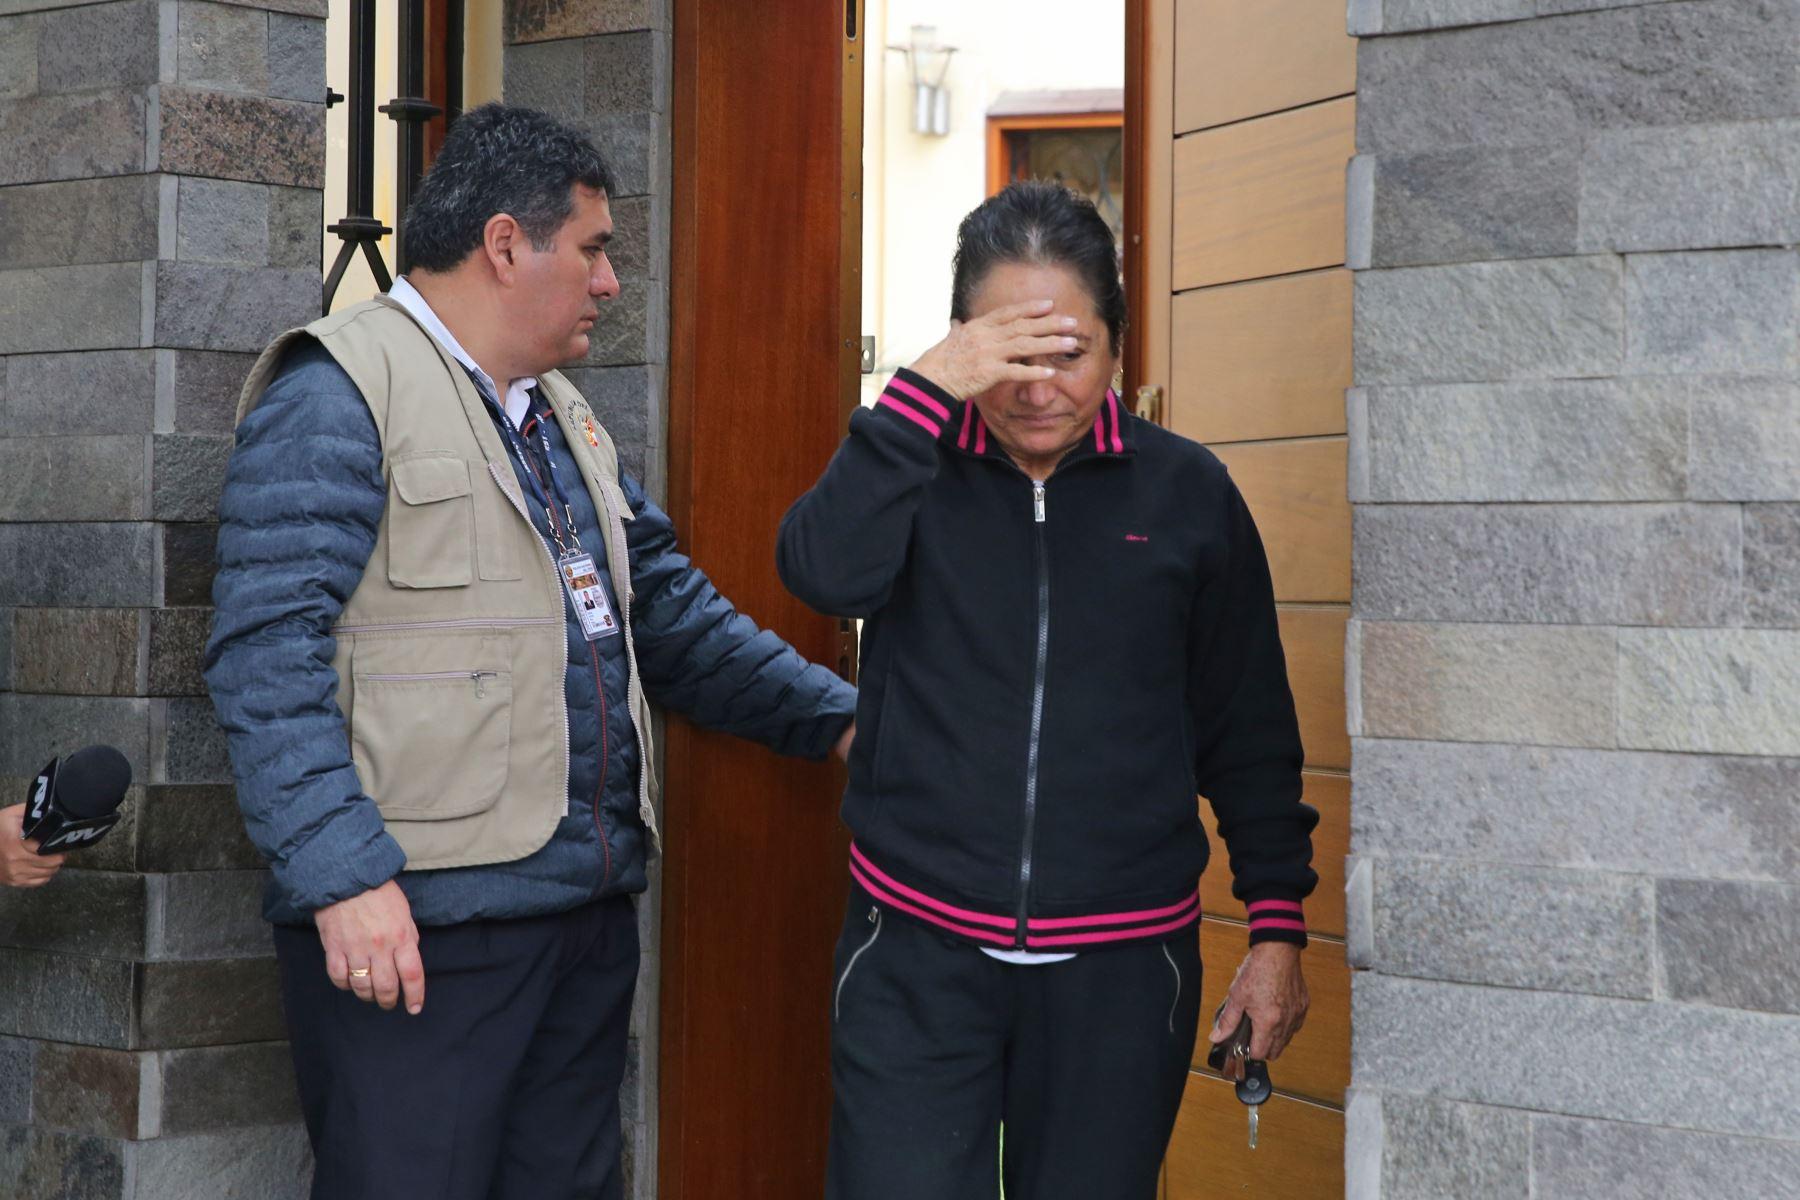 Antonia Alarcón Cubas en la vivienda de la exprimera Dama de la Nación, Nadine Heredia. Foto: ANDINA/Norman Córdova